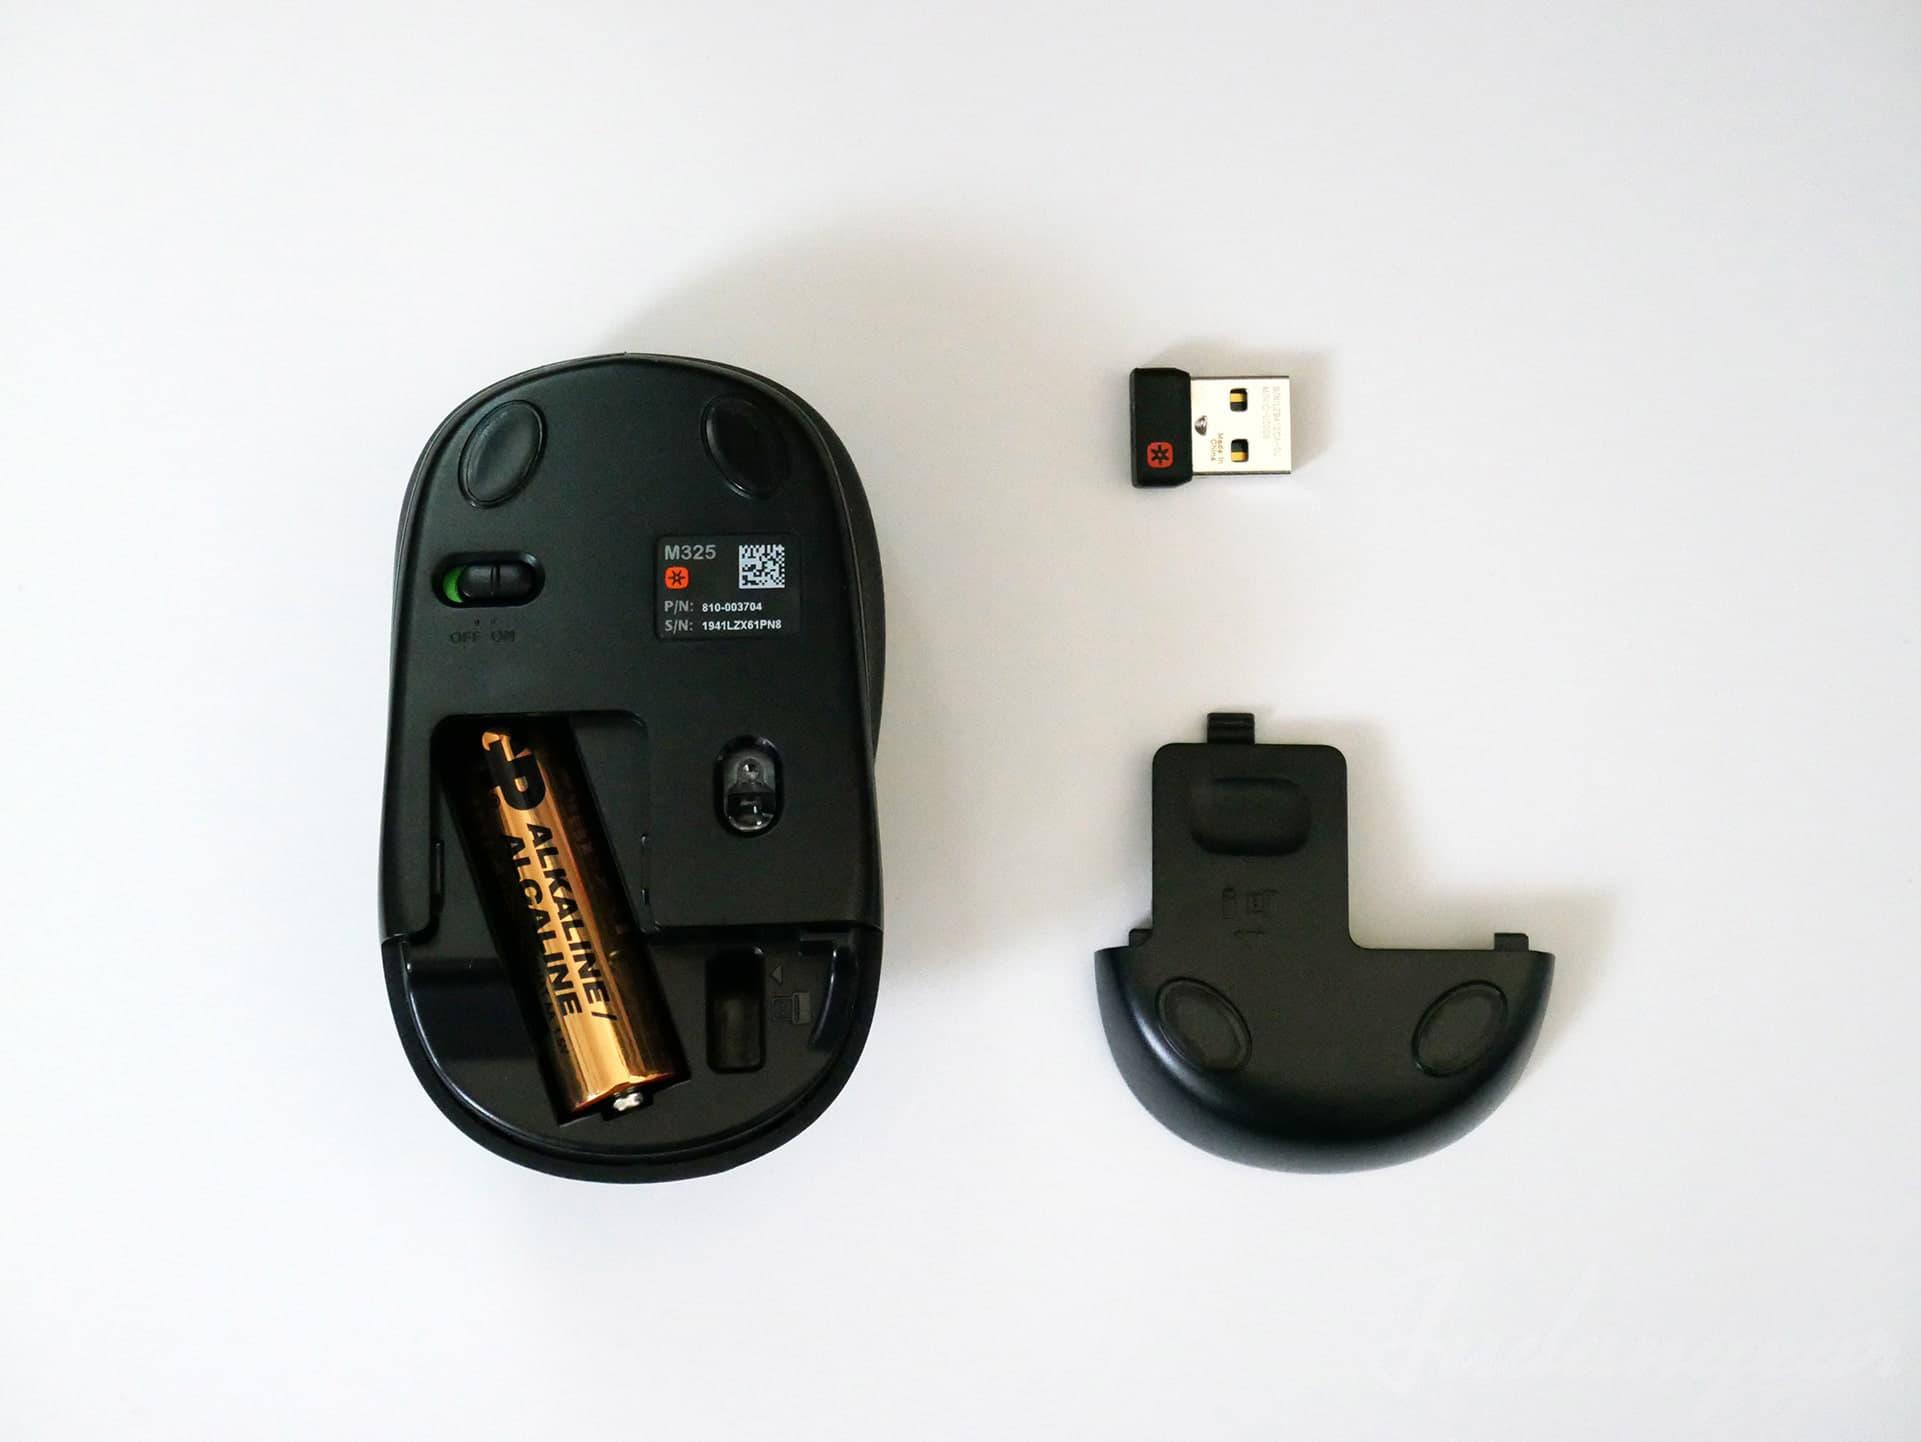 ロジクール「M325」ワイヤレスマウスの裏ブタを開け、マウスと裏ブタ、USBレシーバーを並べた写真